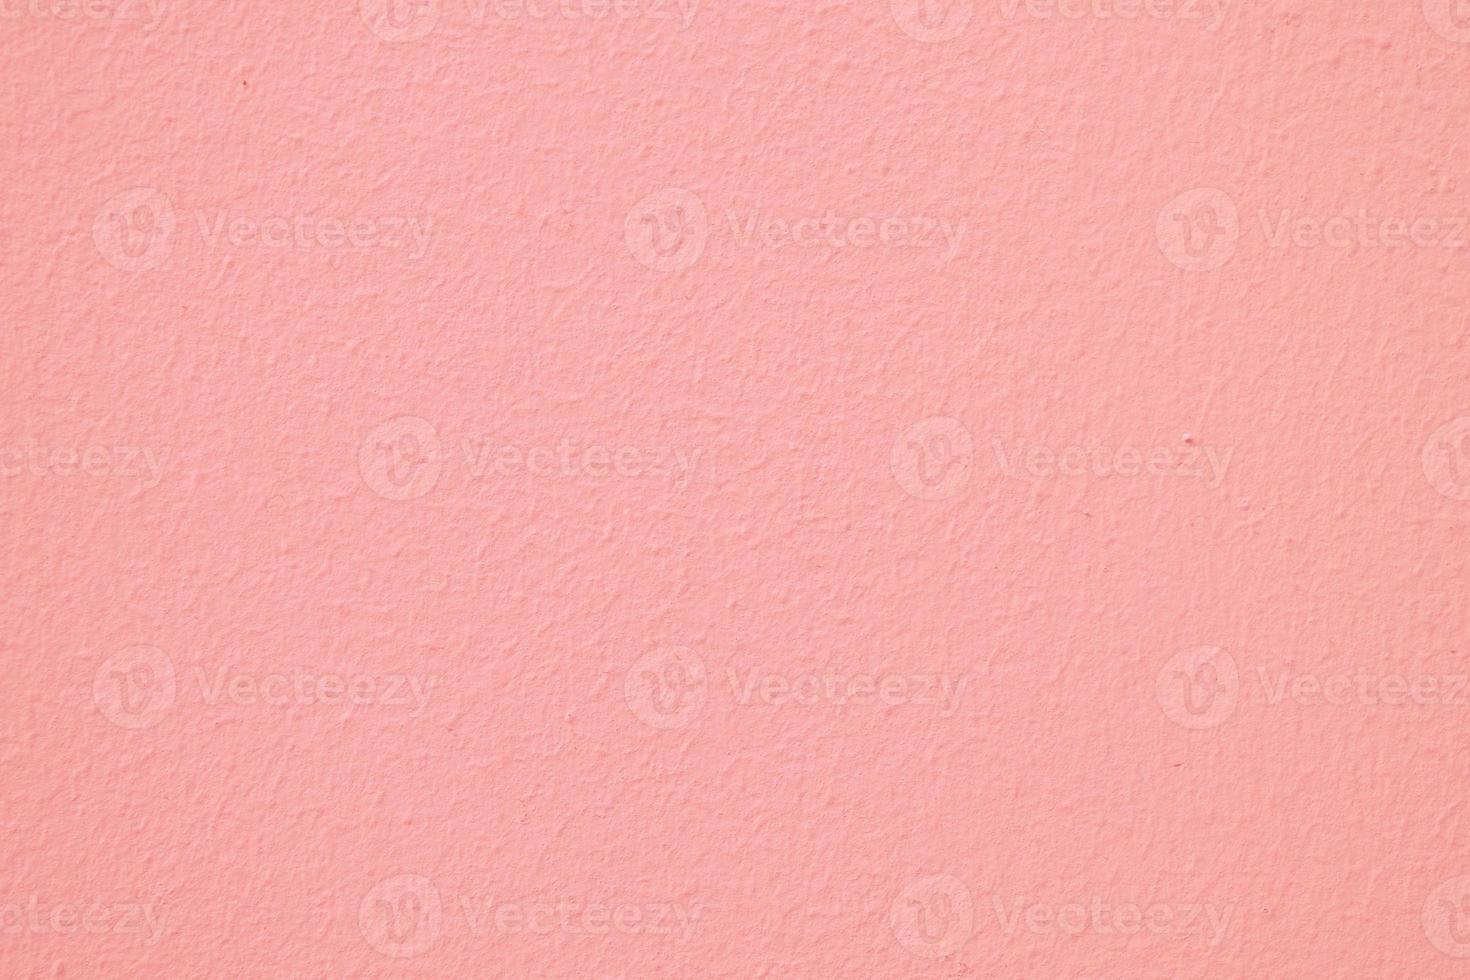 rote Zementstruktur für Hintergrund verwendet foto